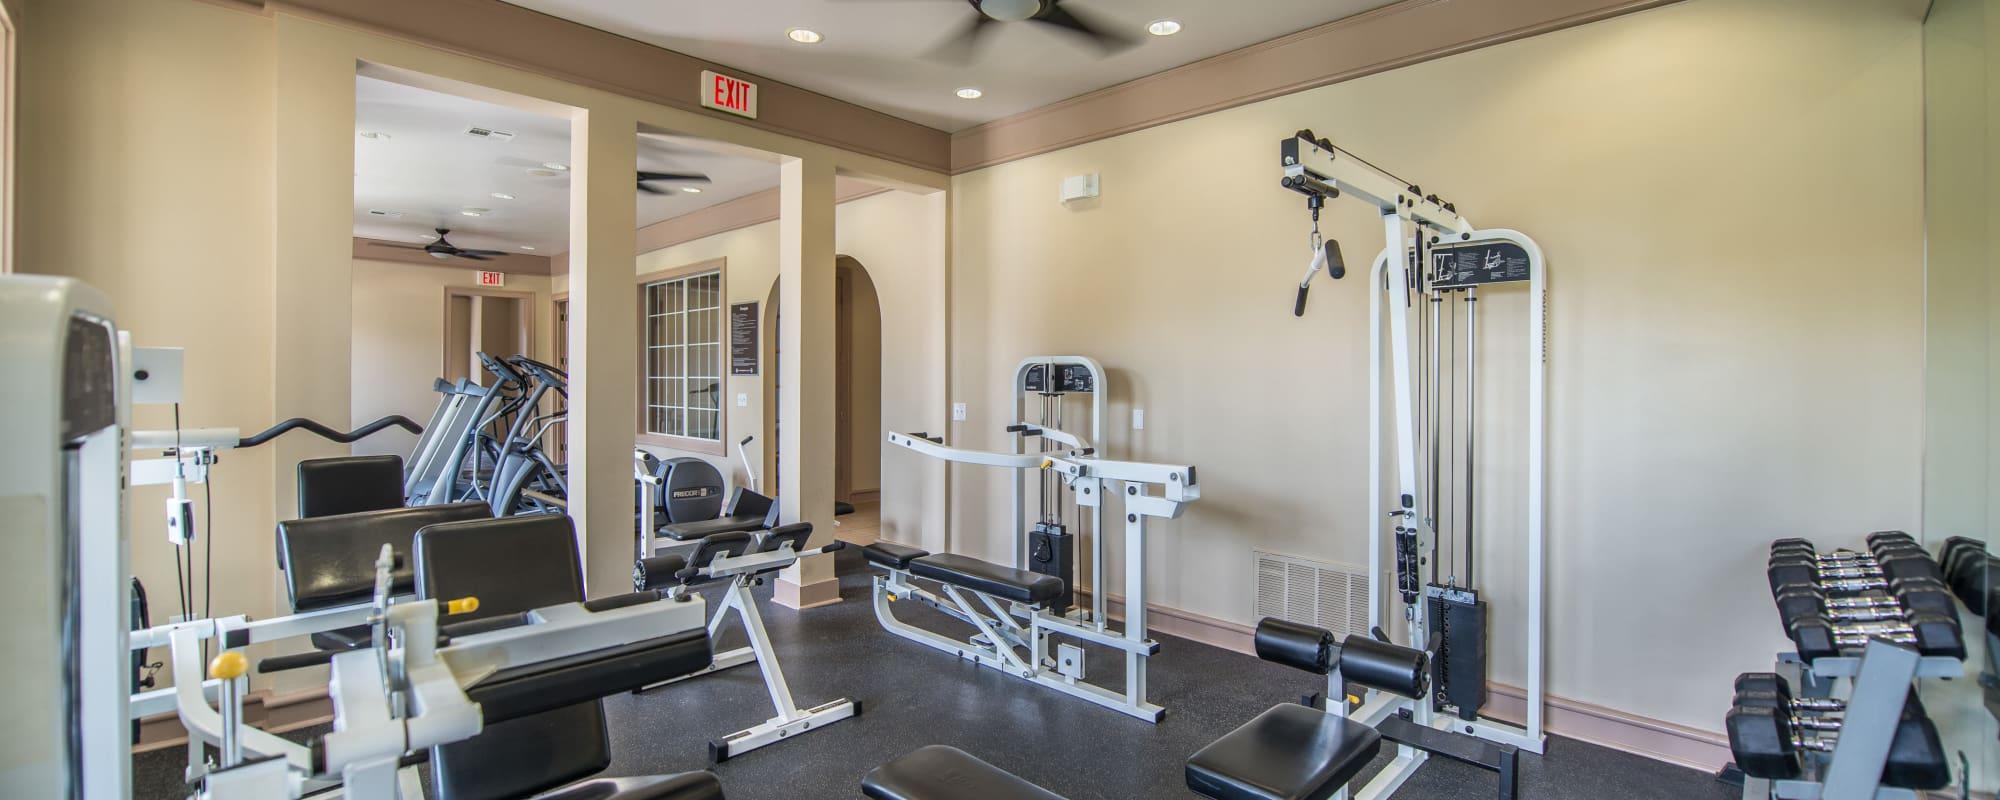 Archer Stone Canyon gym area Archer Stone Canyon in San Antonio, Texas